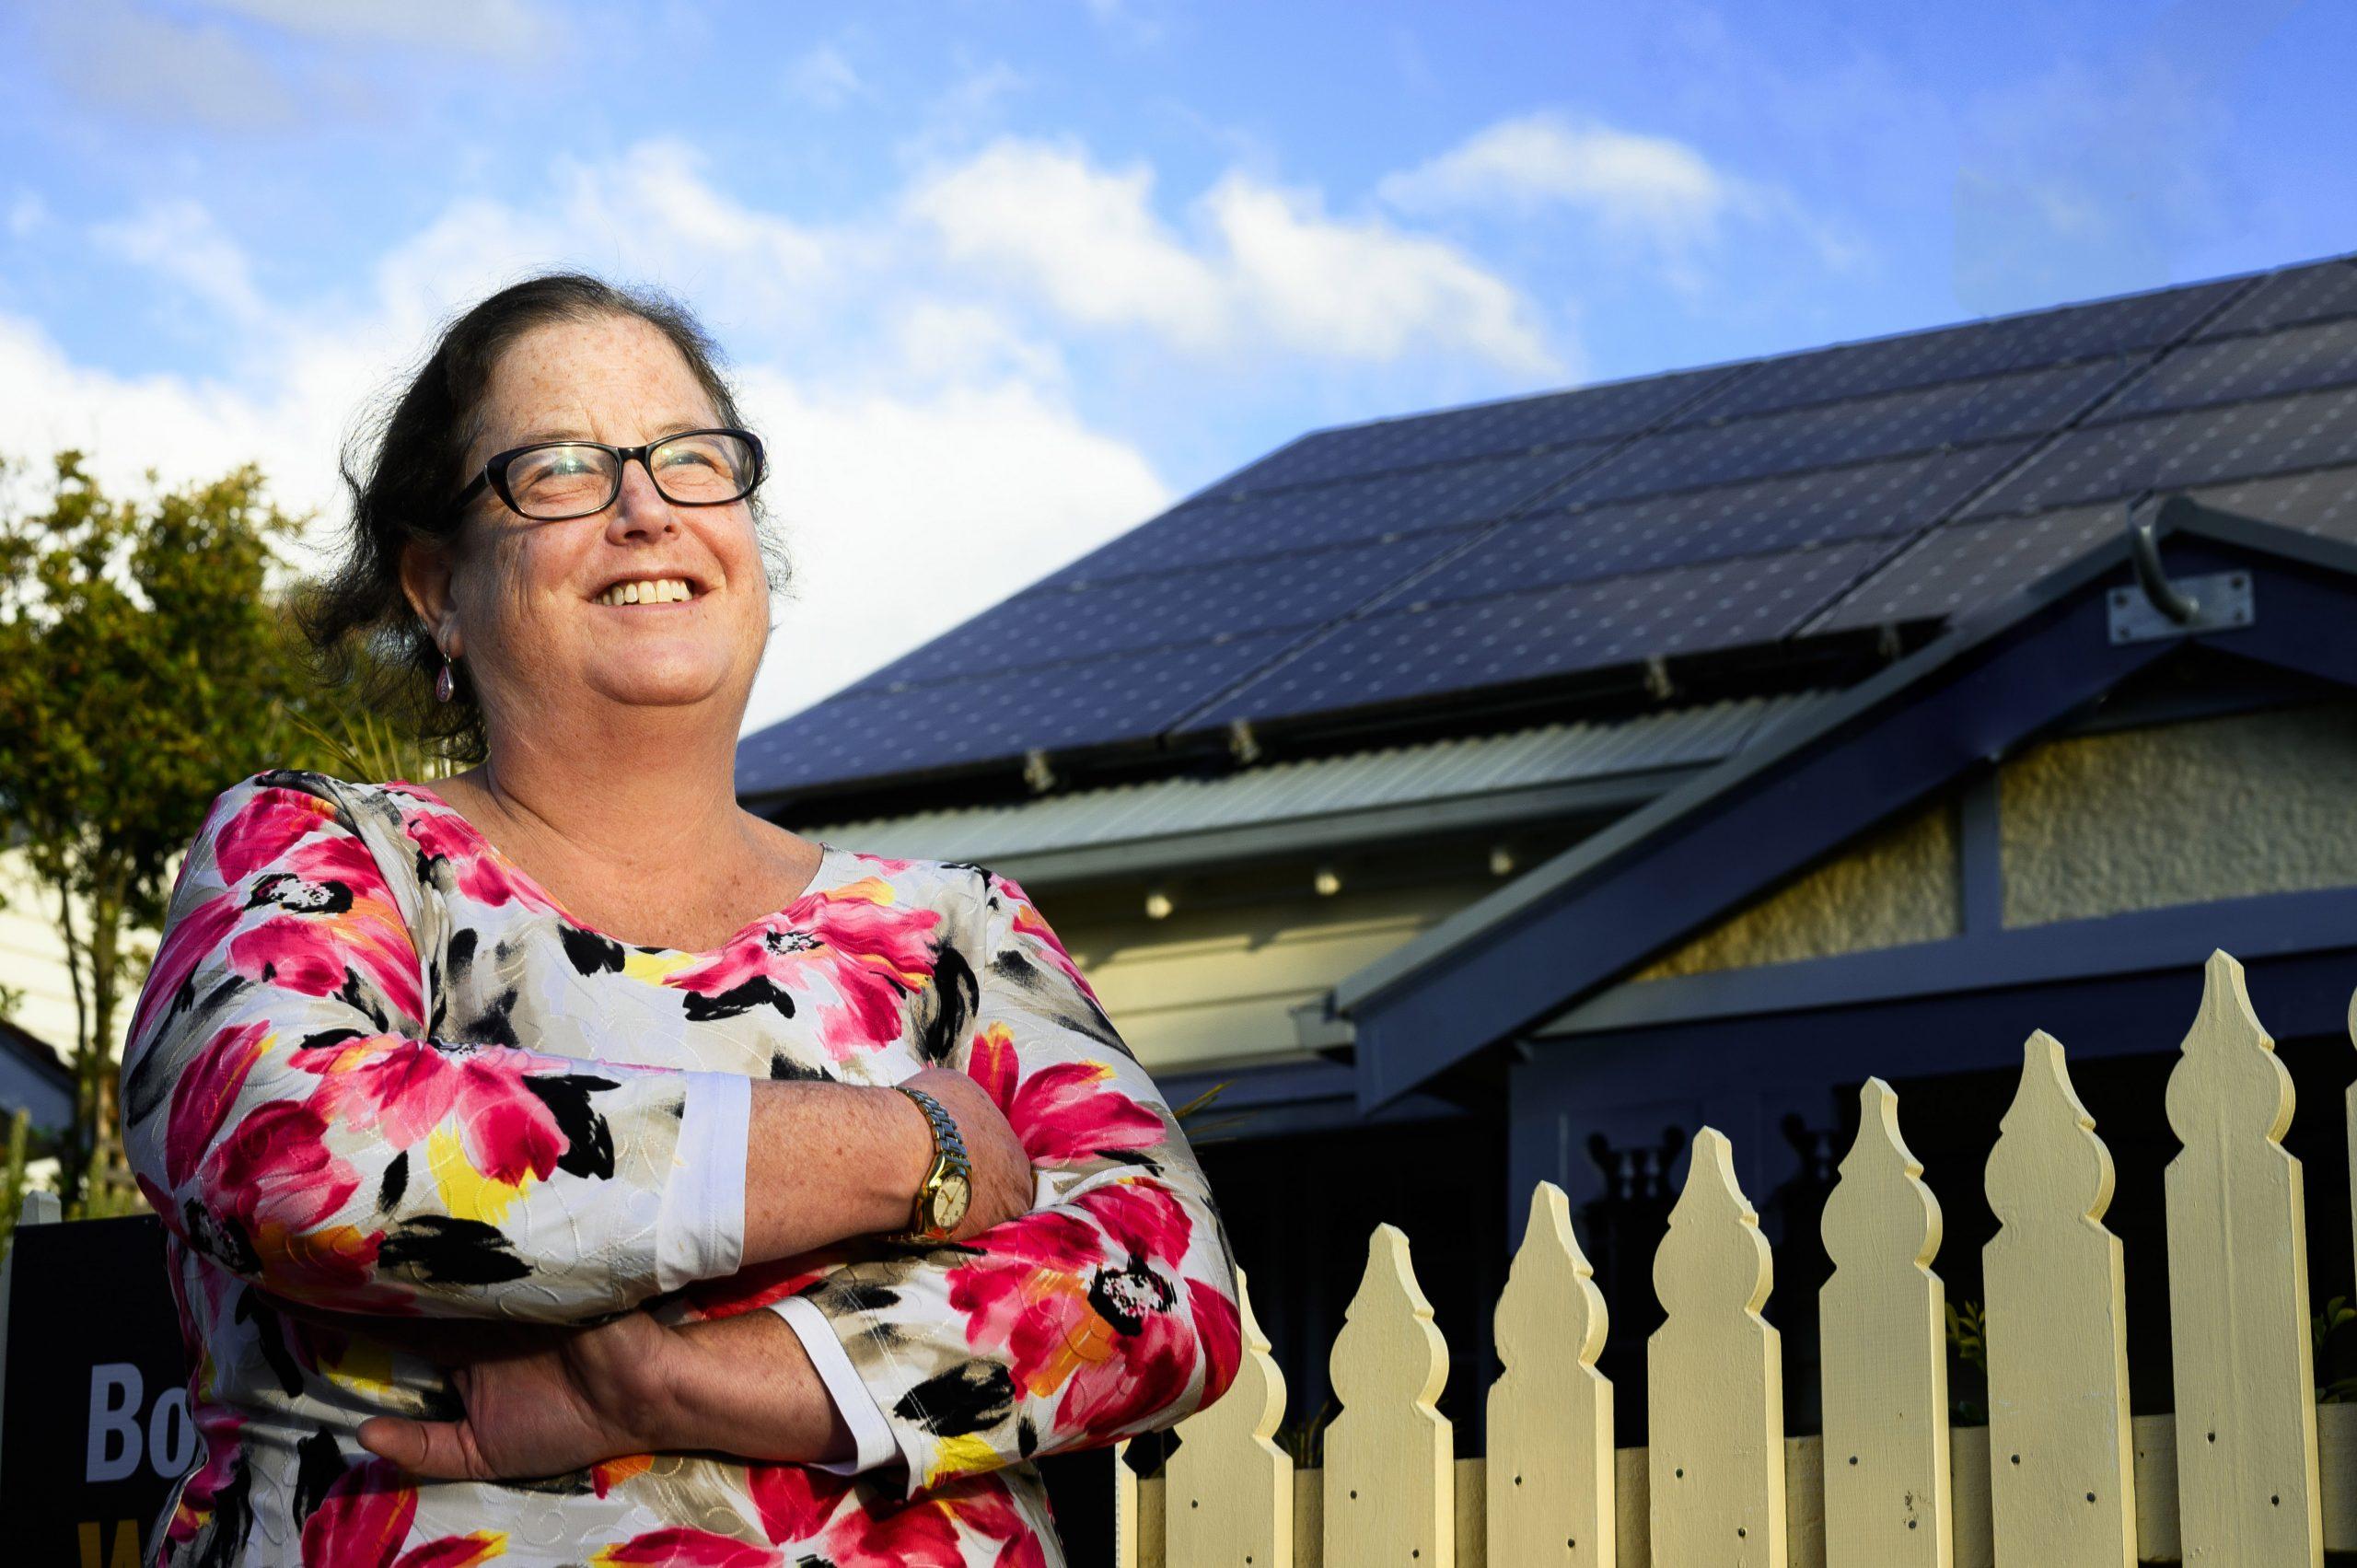 Lynn Frankes has extended her households solar system